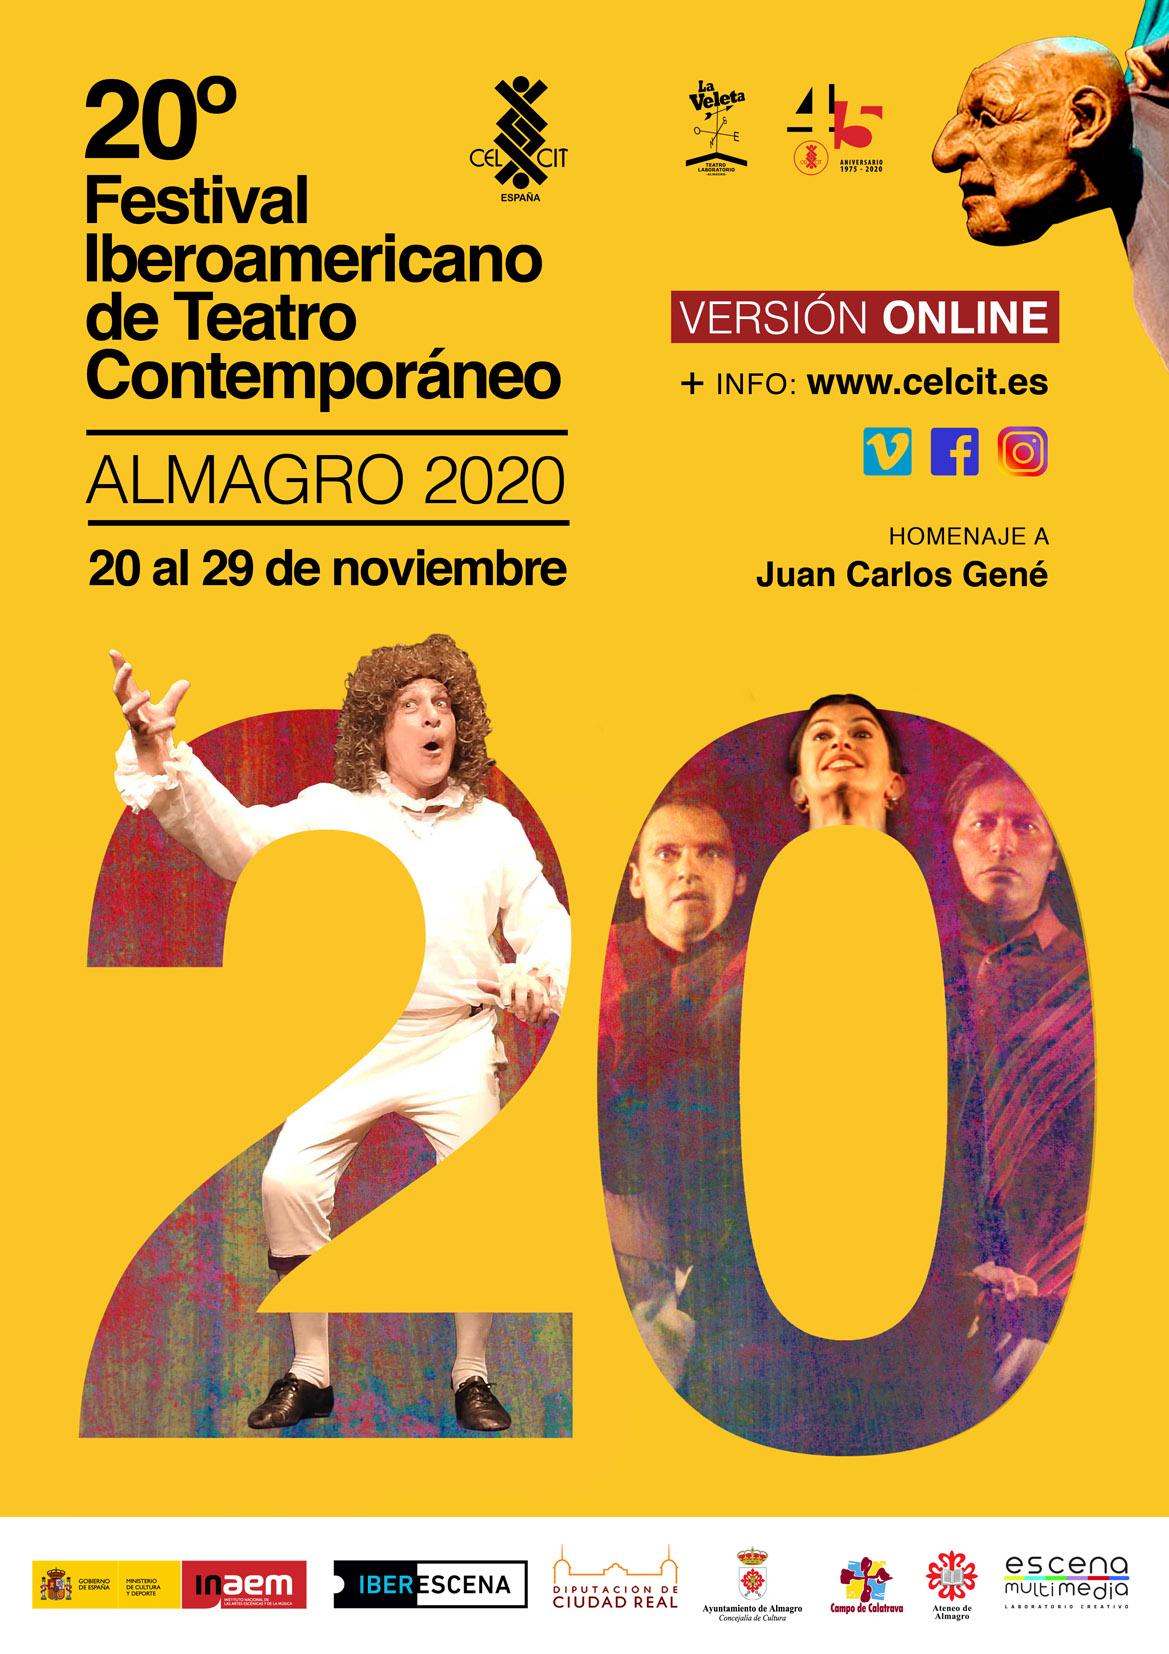 20 Festival Iberoamericano de Teatro Contemporáneo (del 20 al 29 de noviembre)